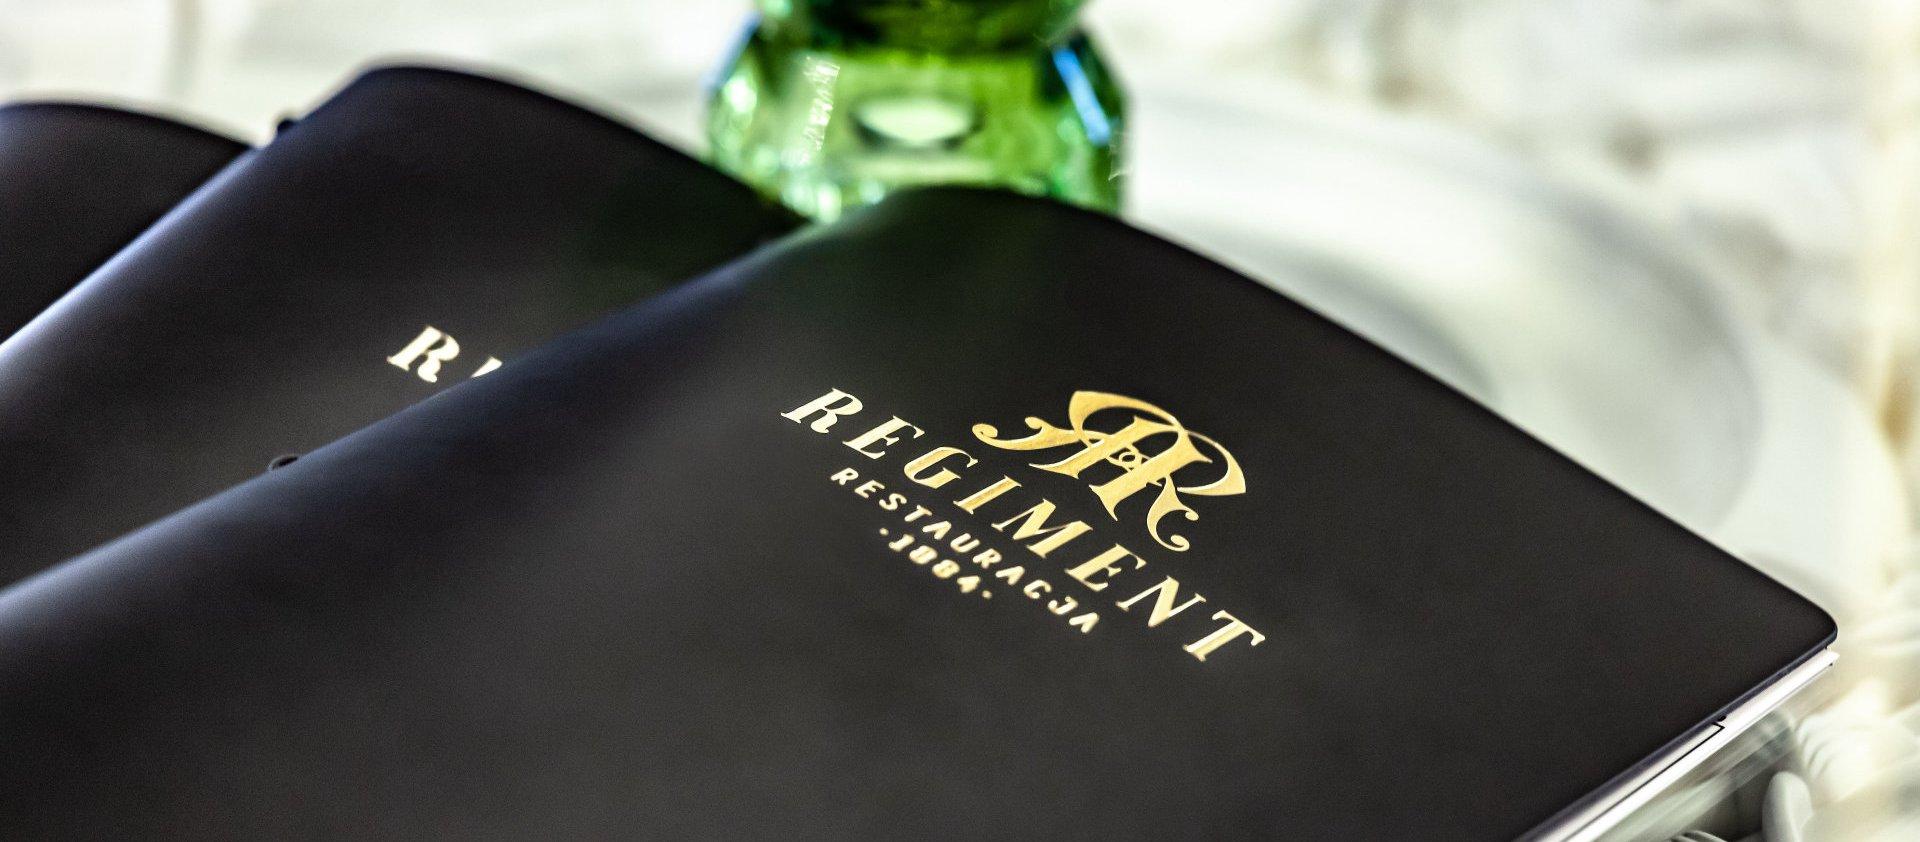 Restauracja Regiment - dania na wynos